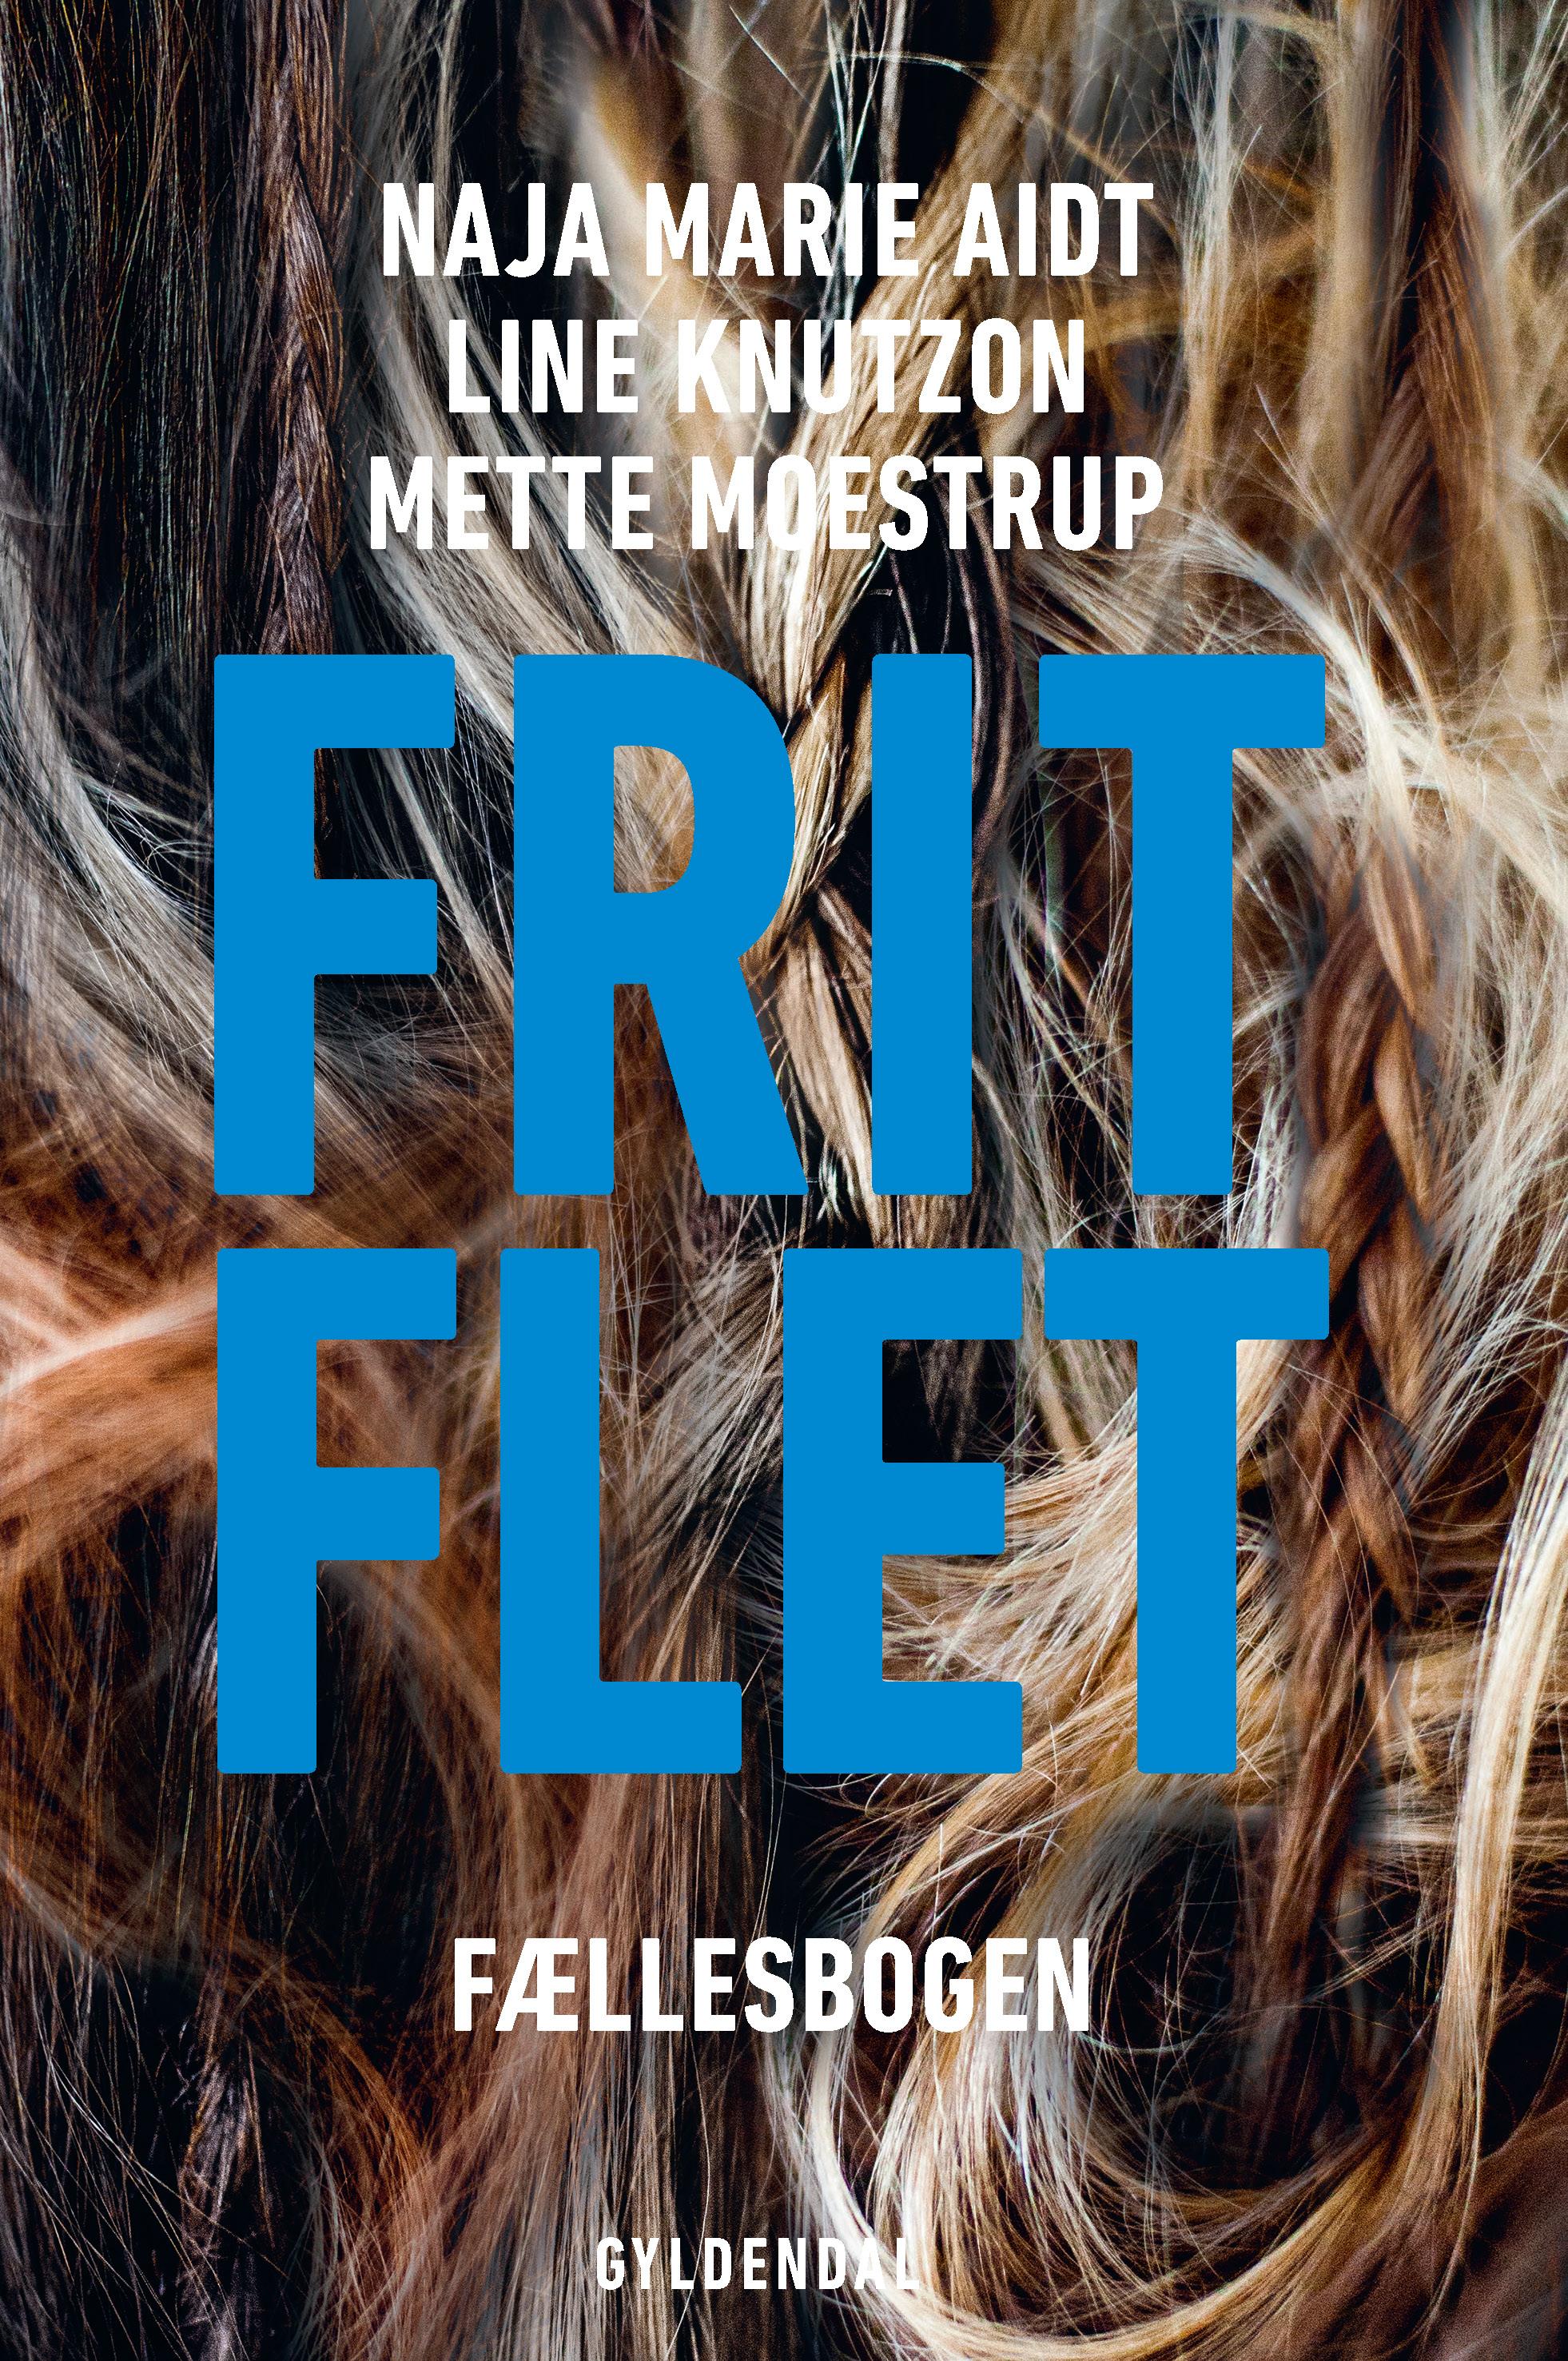 FRIT FLET af Naja Marie Aidt, Line Knutzon og Mette Moestrup